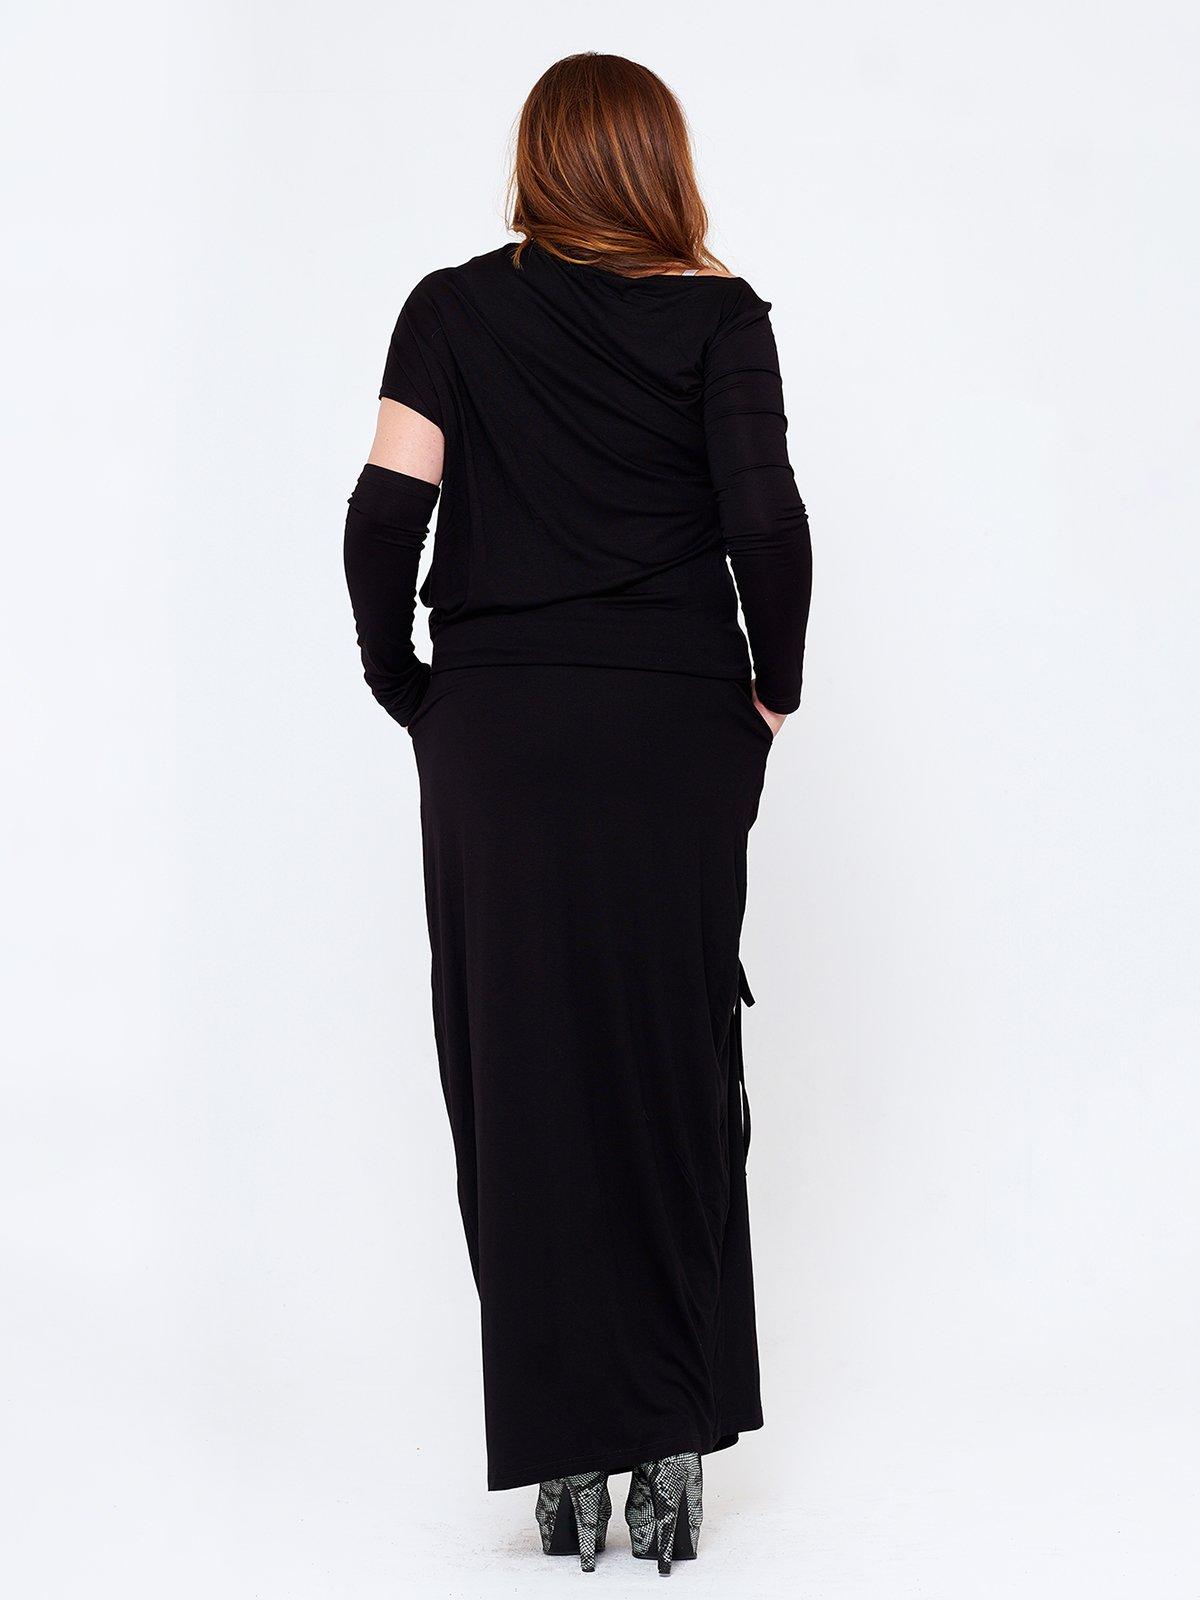 Платье черное | 2714660 | фото 2